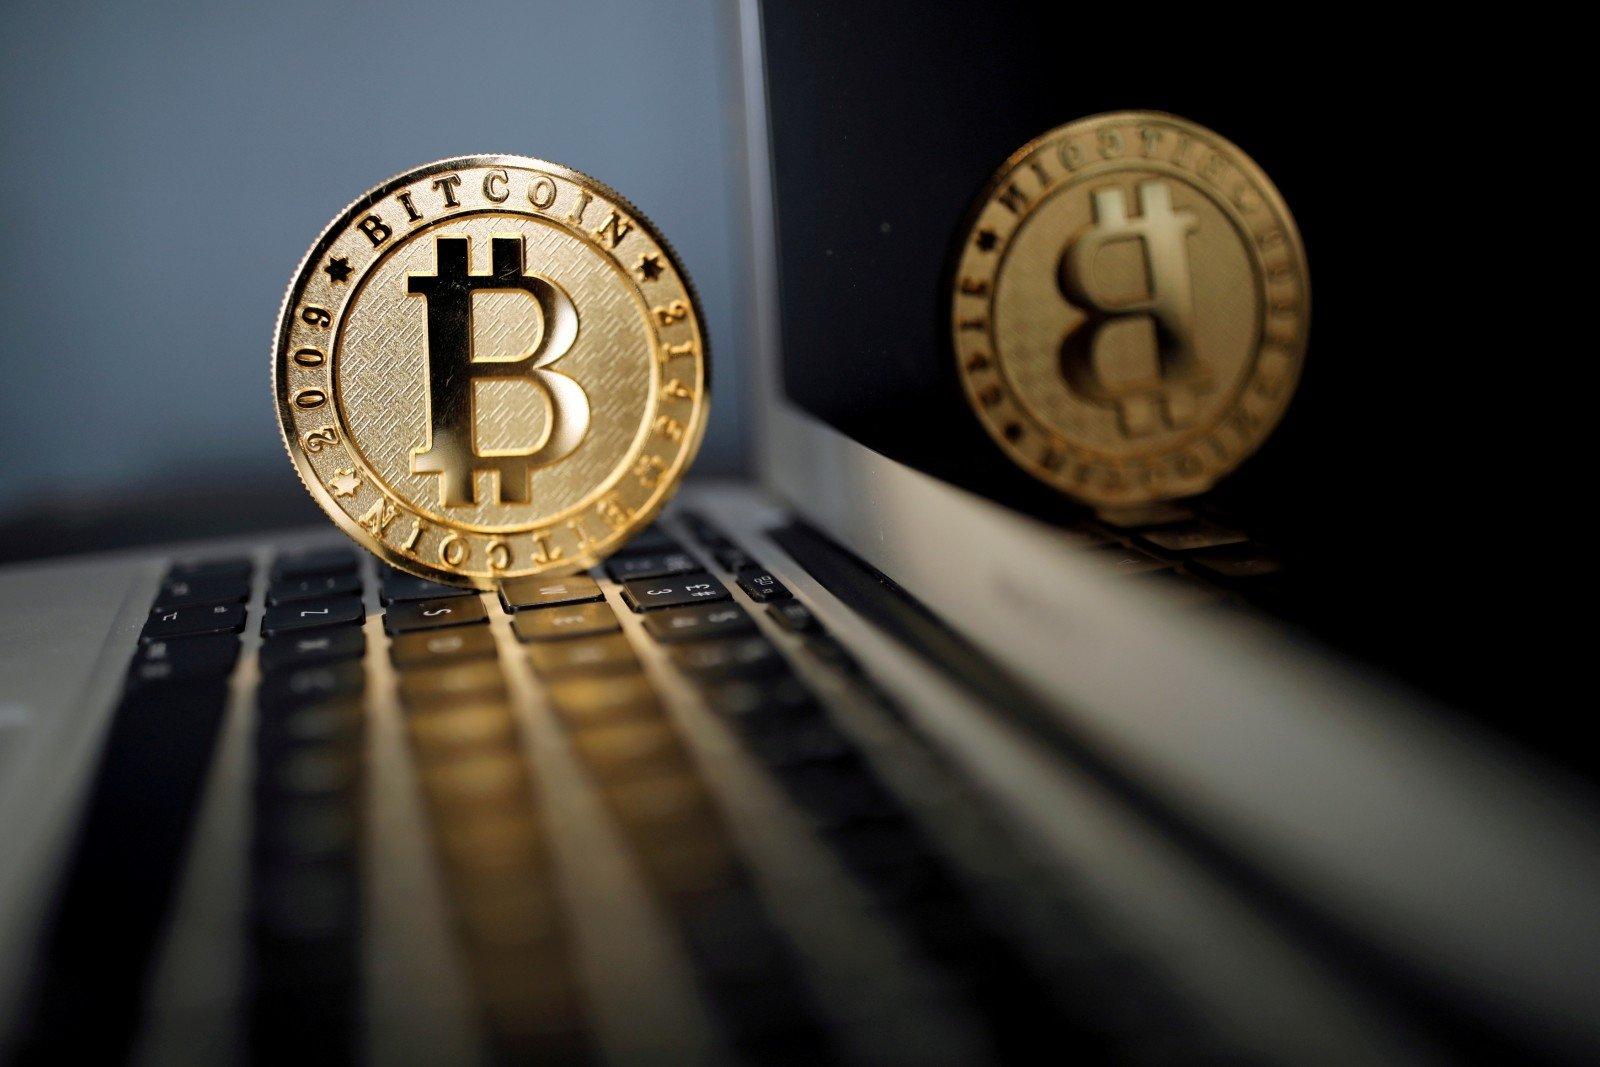 Kriptovaliutų karai: pasipriešinimas (2) | lgpf.lt - Algoritmai ir kriptovaliutos